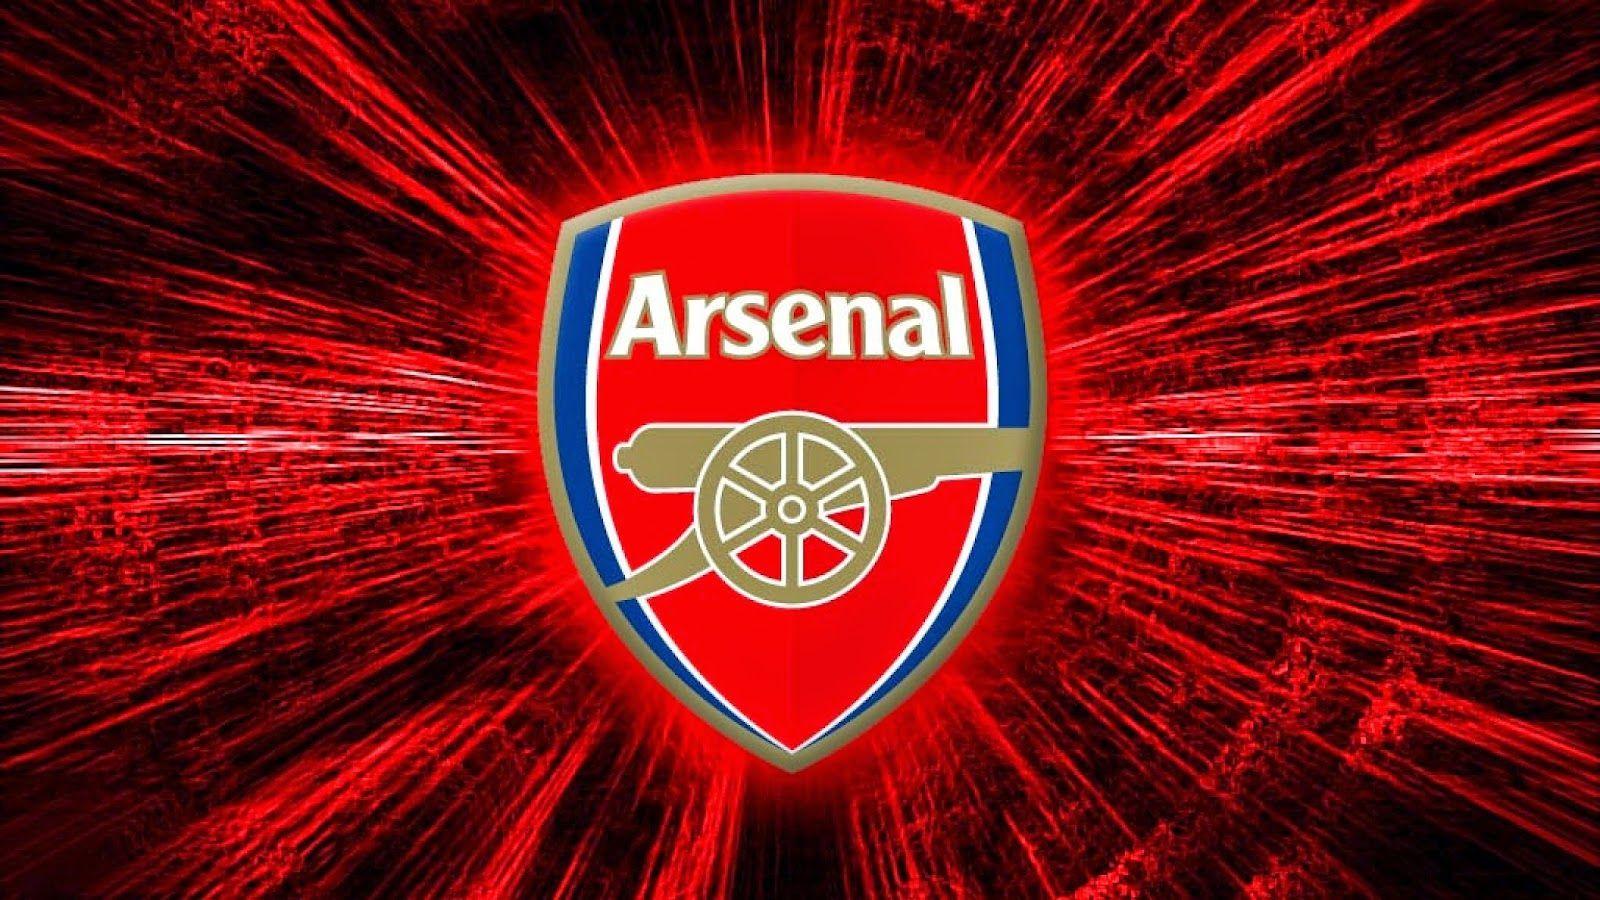 Футболный клуб арсенал лондон